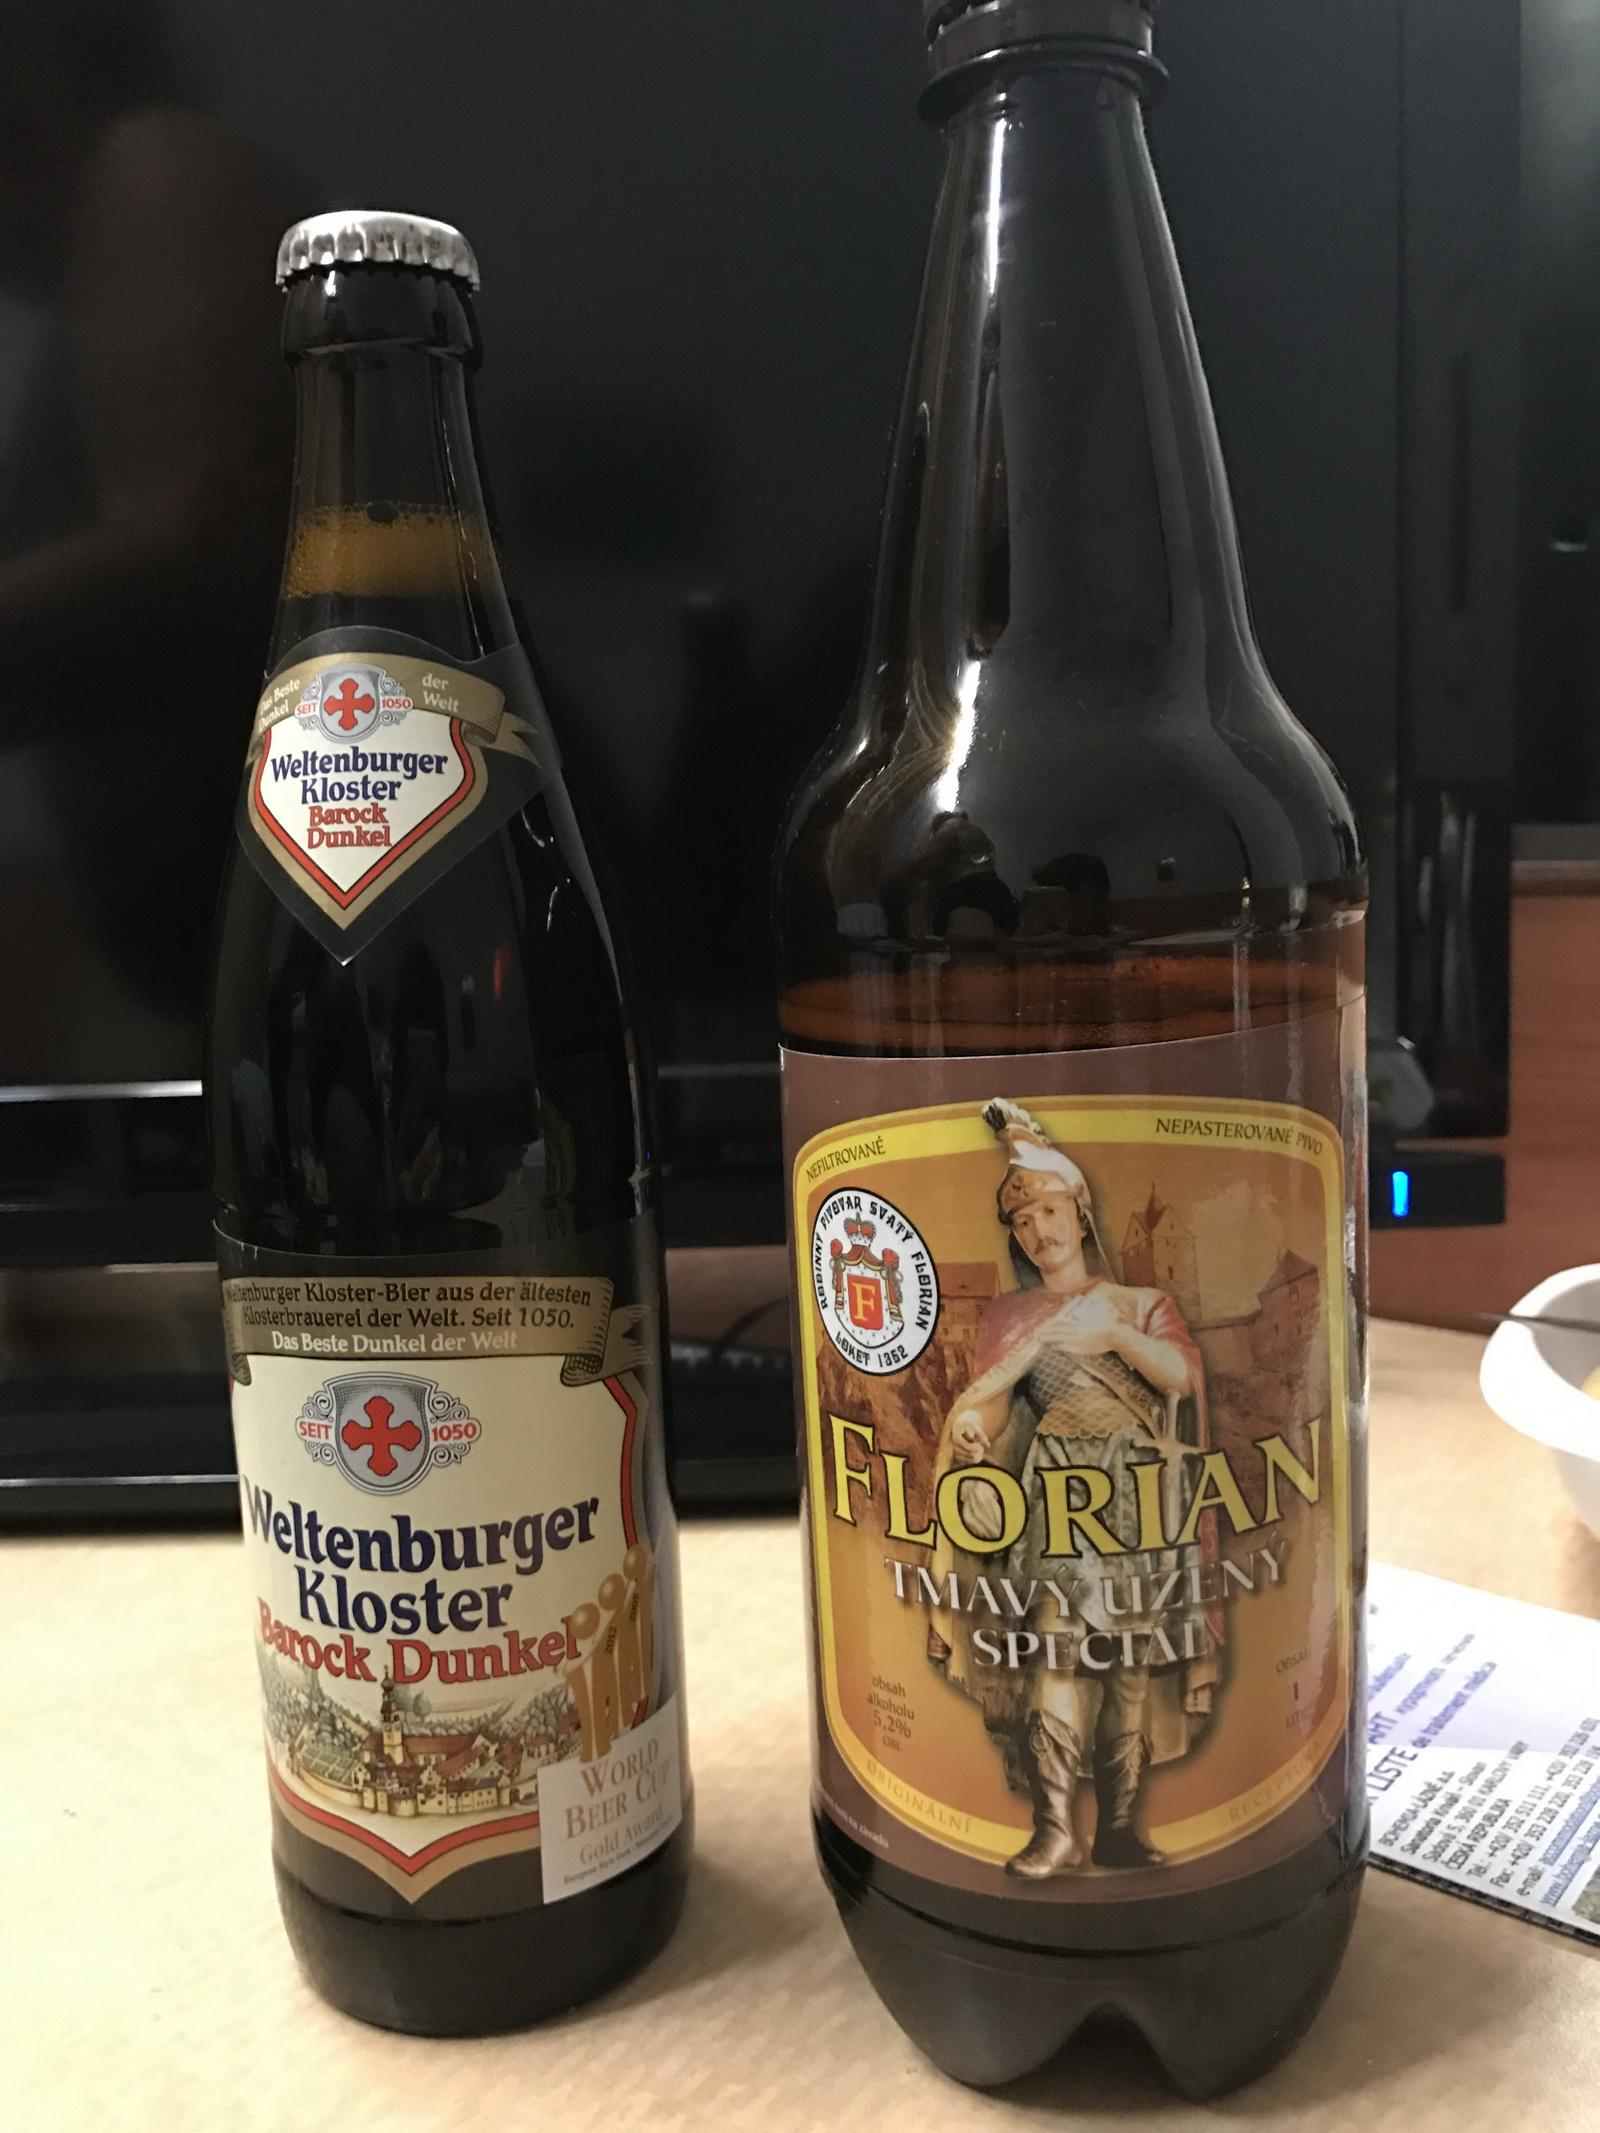 Пивоварня св георгия